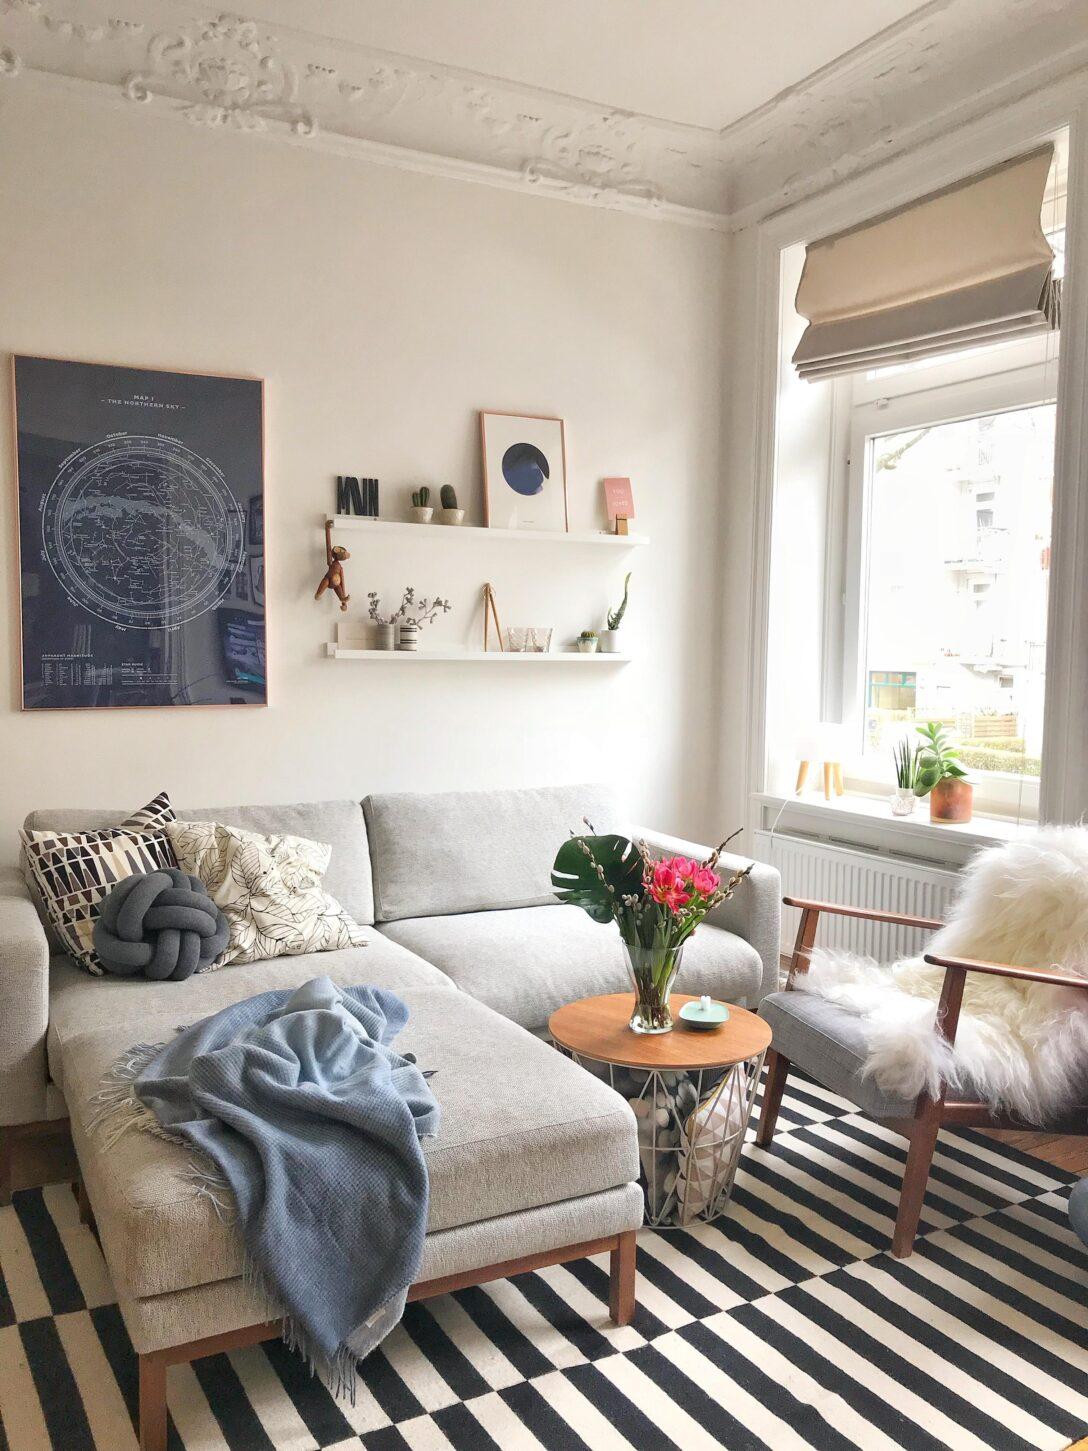 Large Size of Graues Sofa Bilder Ideen Couch Liege Himolla Sitzsack Kolonialstil überzug Xora Indomo Reinigen Kleines Wohnzimmer Polyrattan Blaues Rattan Garten Sofa Graues Sofa